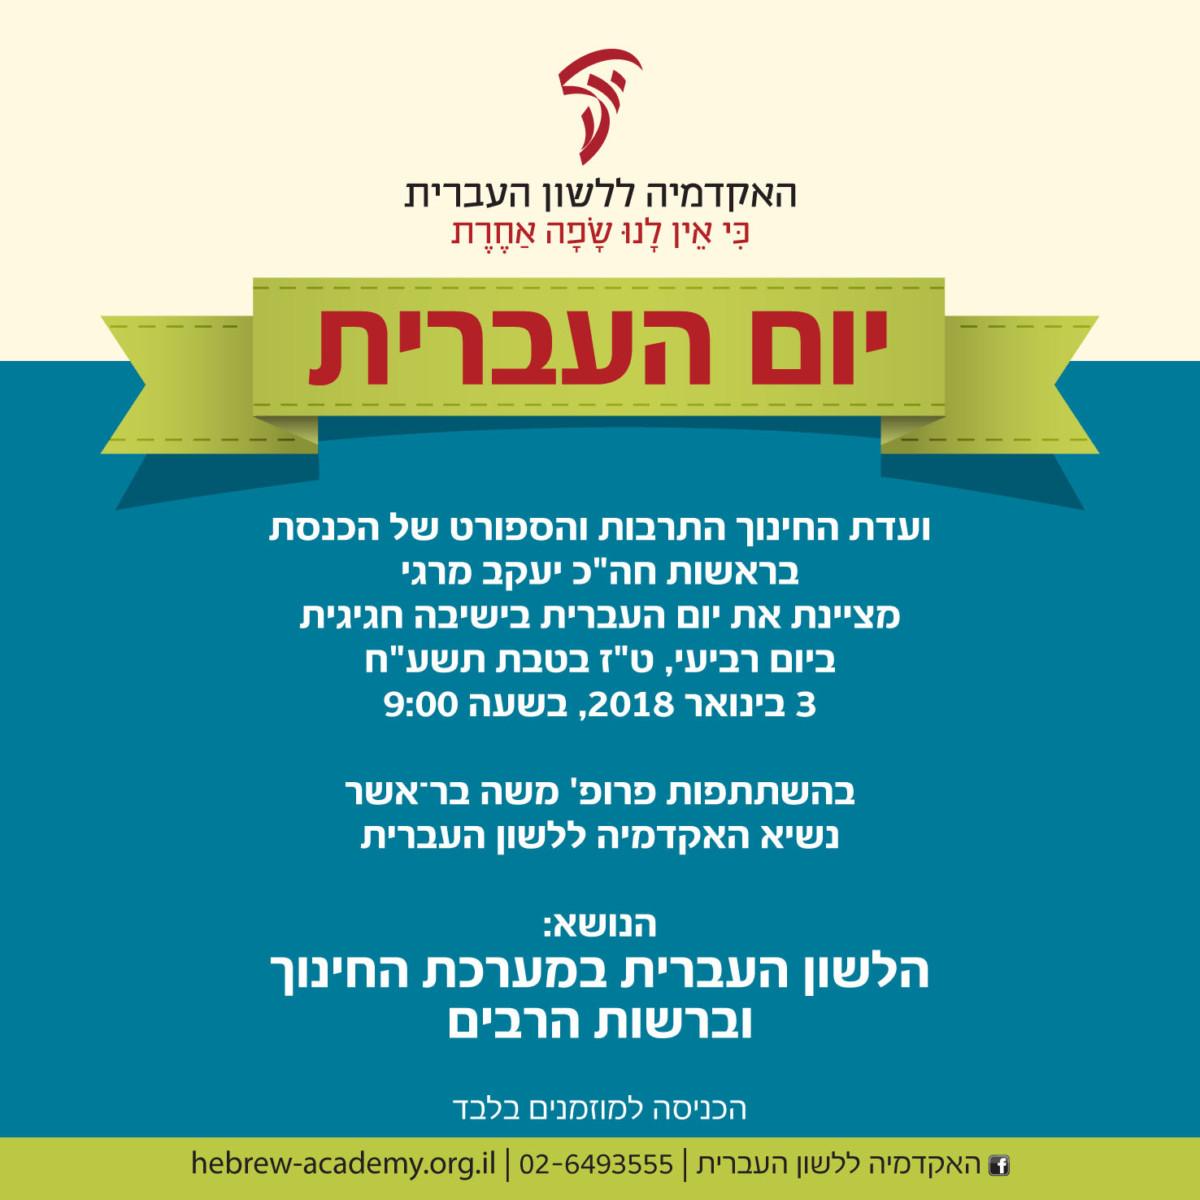 הזמנה לוועדת החינוך של הכנסת - ישיבה חגיגית יום העברית